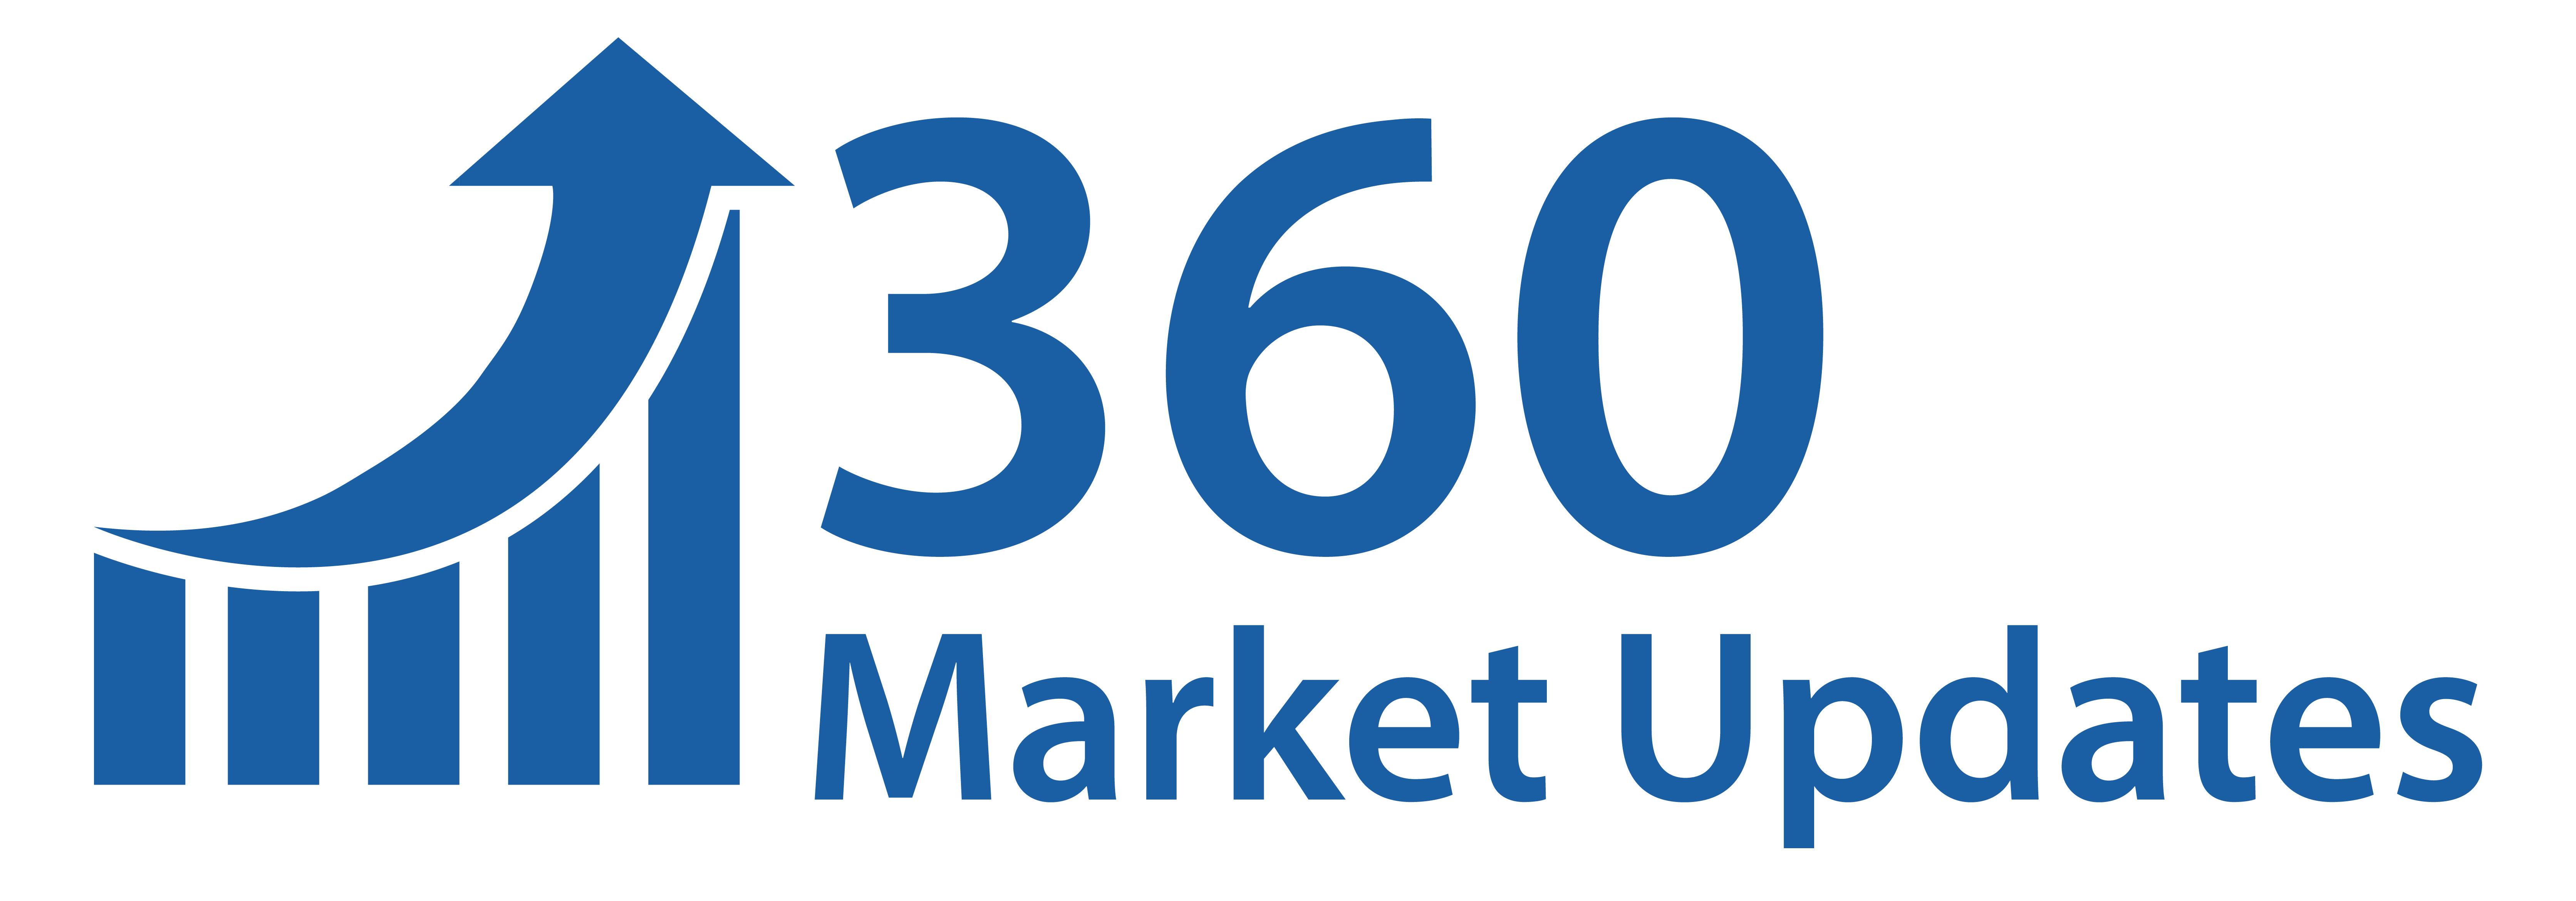 Hexagonal Belts Market 2020 Aktie, Größe, Zukünftige Nachfrage, Forschung, Top Leading Player, Emerging Trends, Region by Forecast to 2026